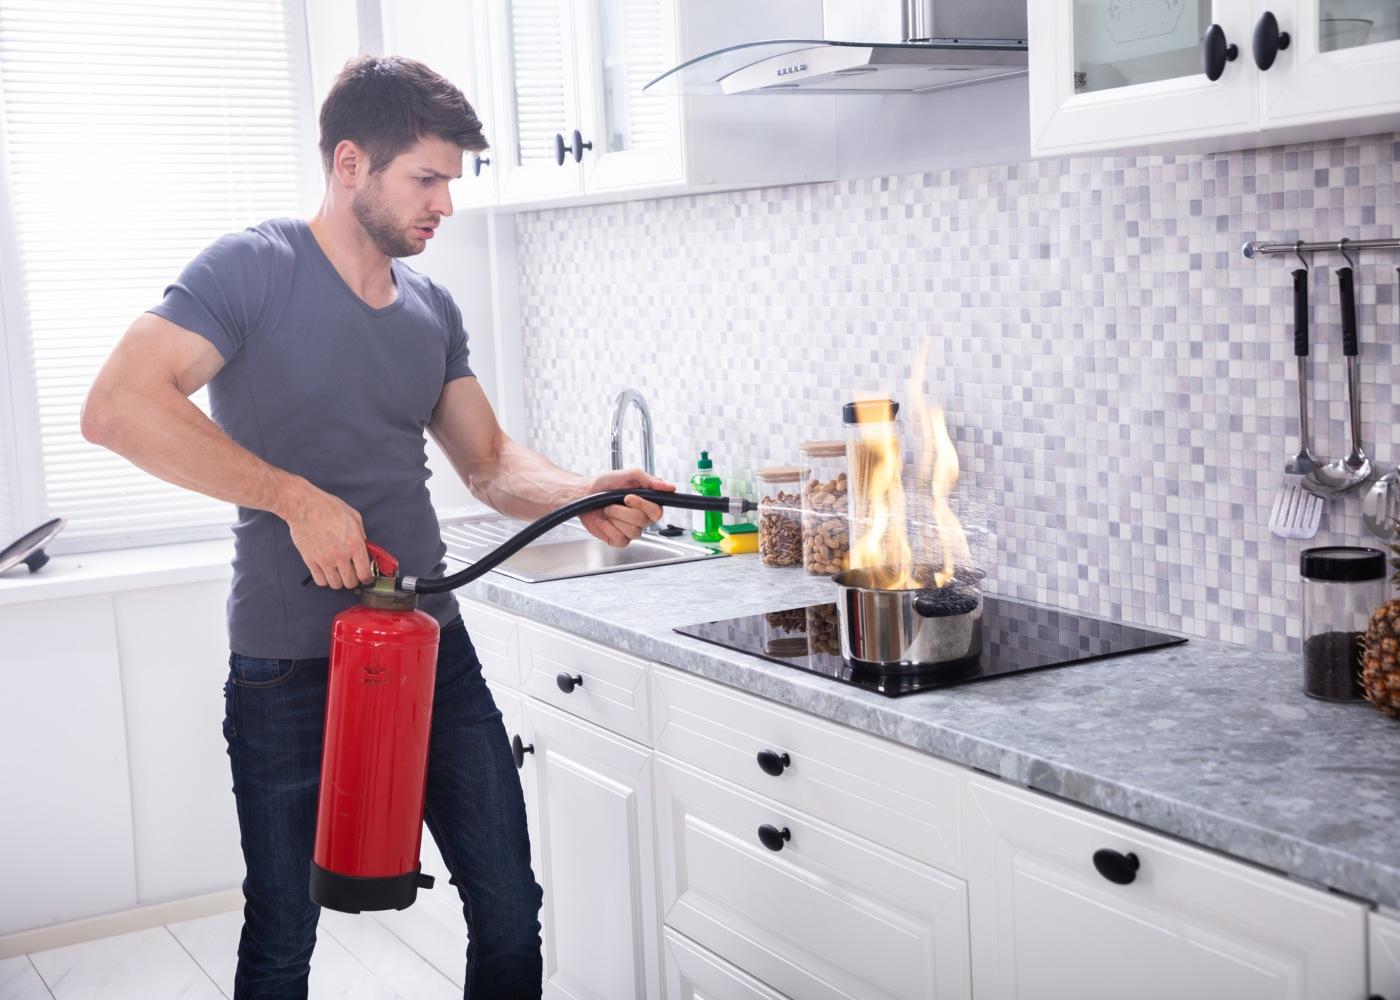 usar extintor